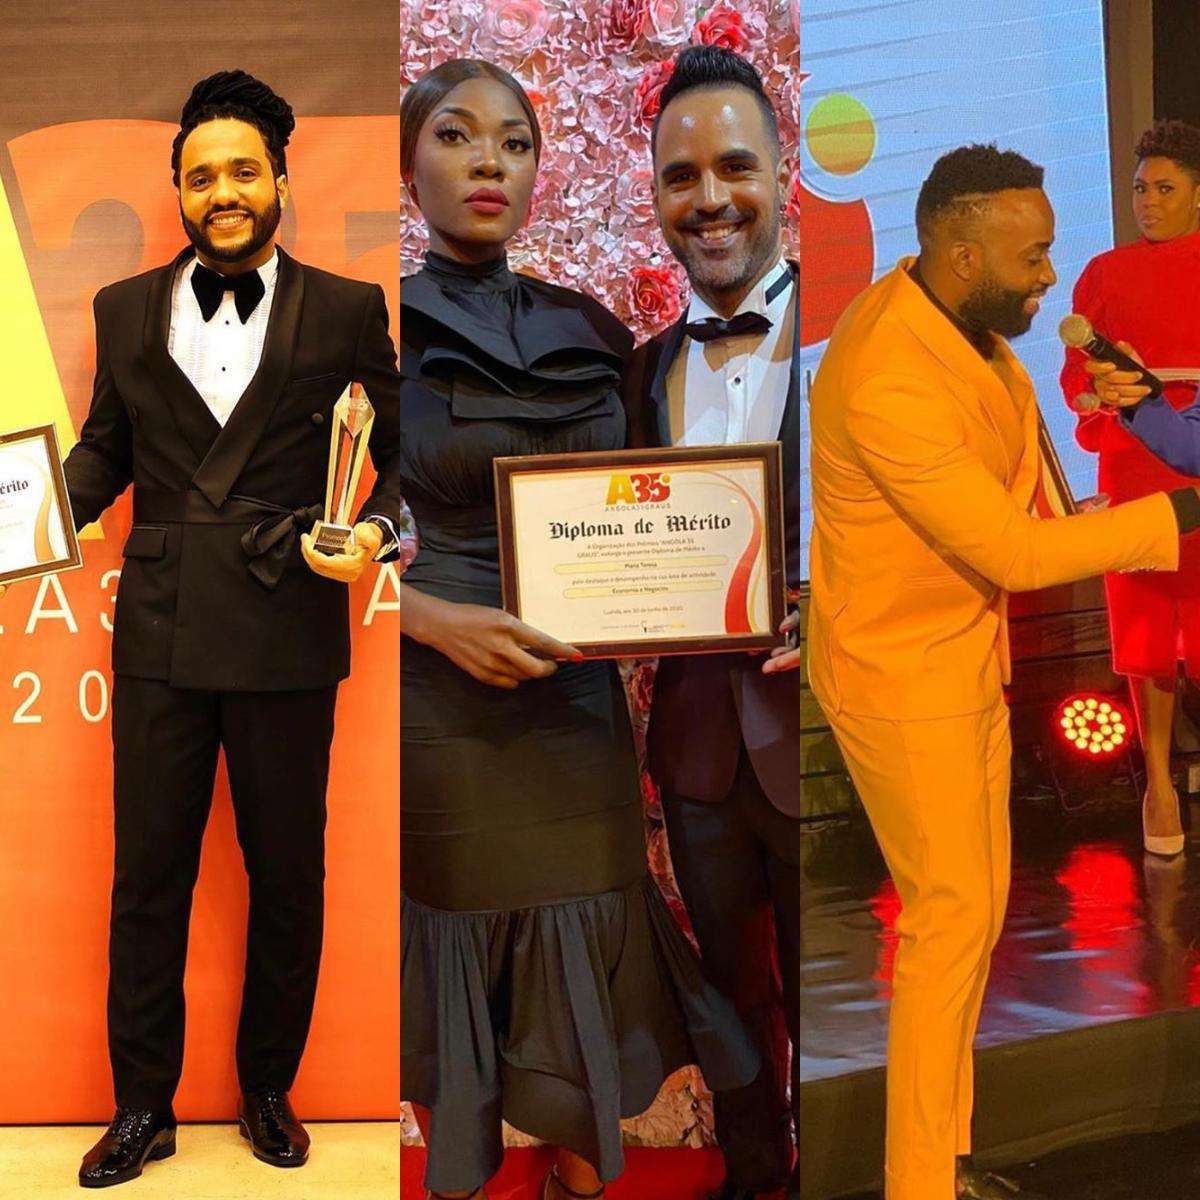 Emoção, alegria e surpresas marcam a noite de premiação do Angola 35 Graus